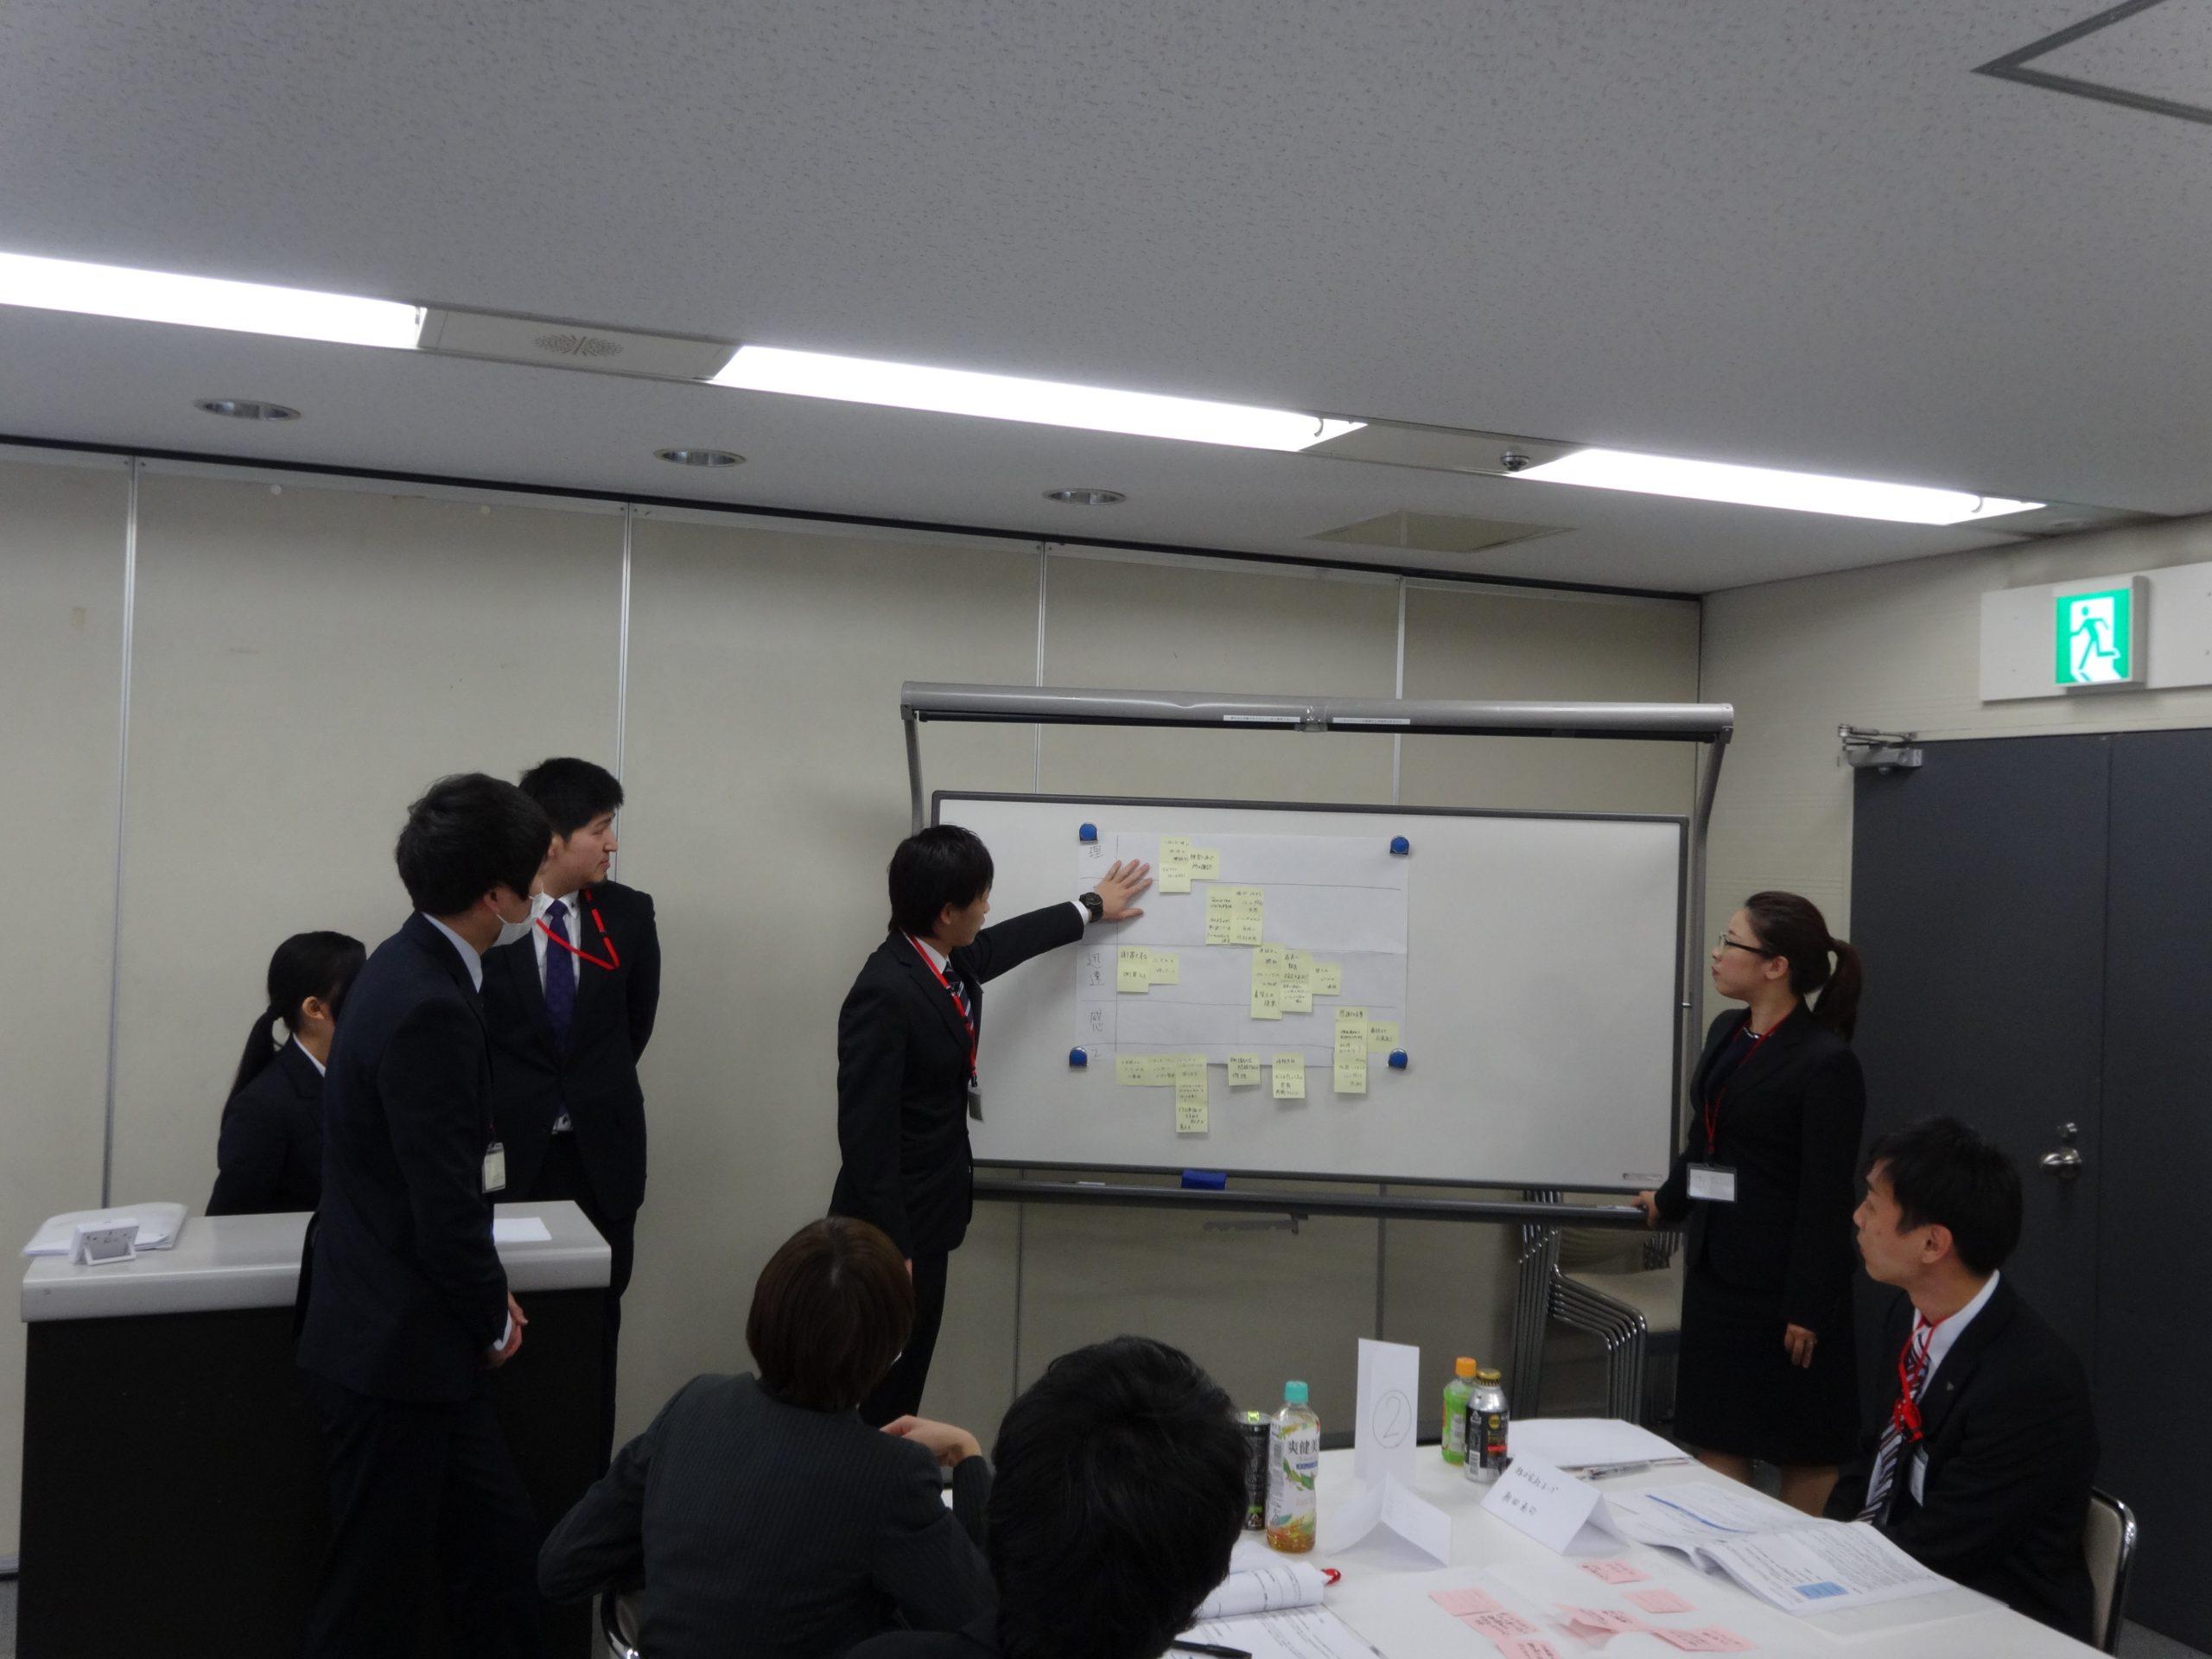 秋吉しのぶさん参加の研修風景。グループで、ホワイトボードを使い、発表する場面。